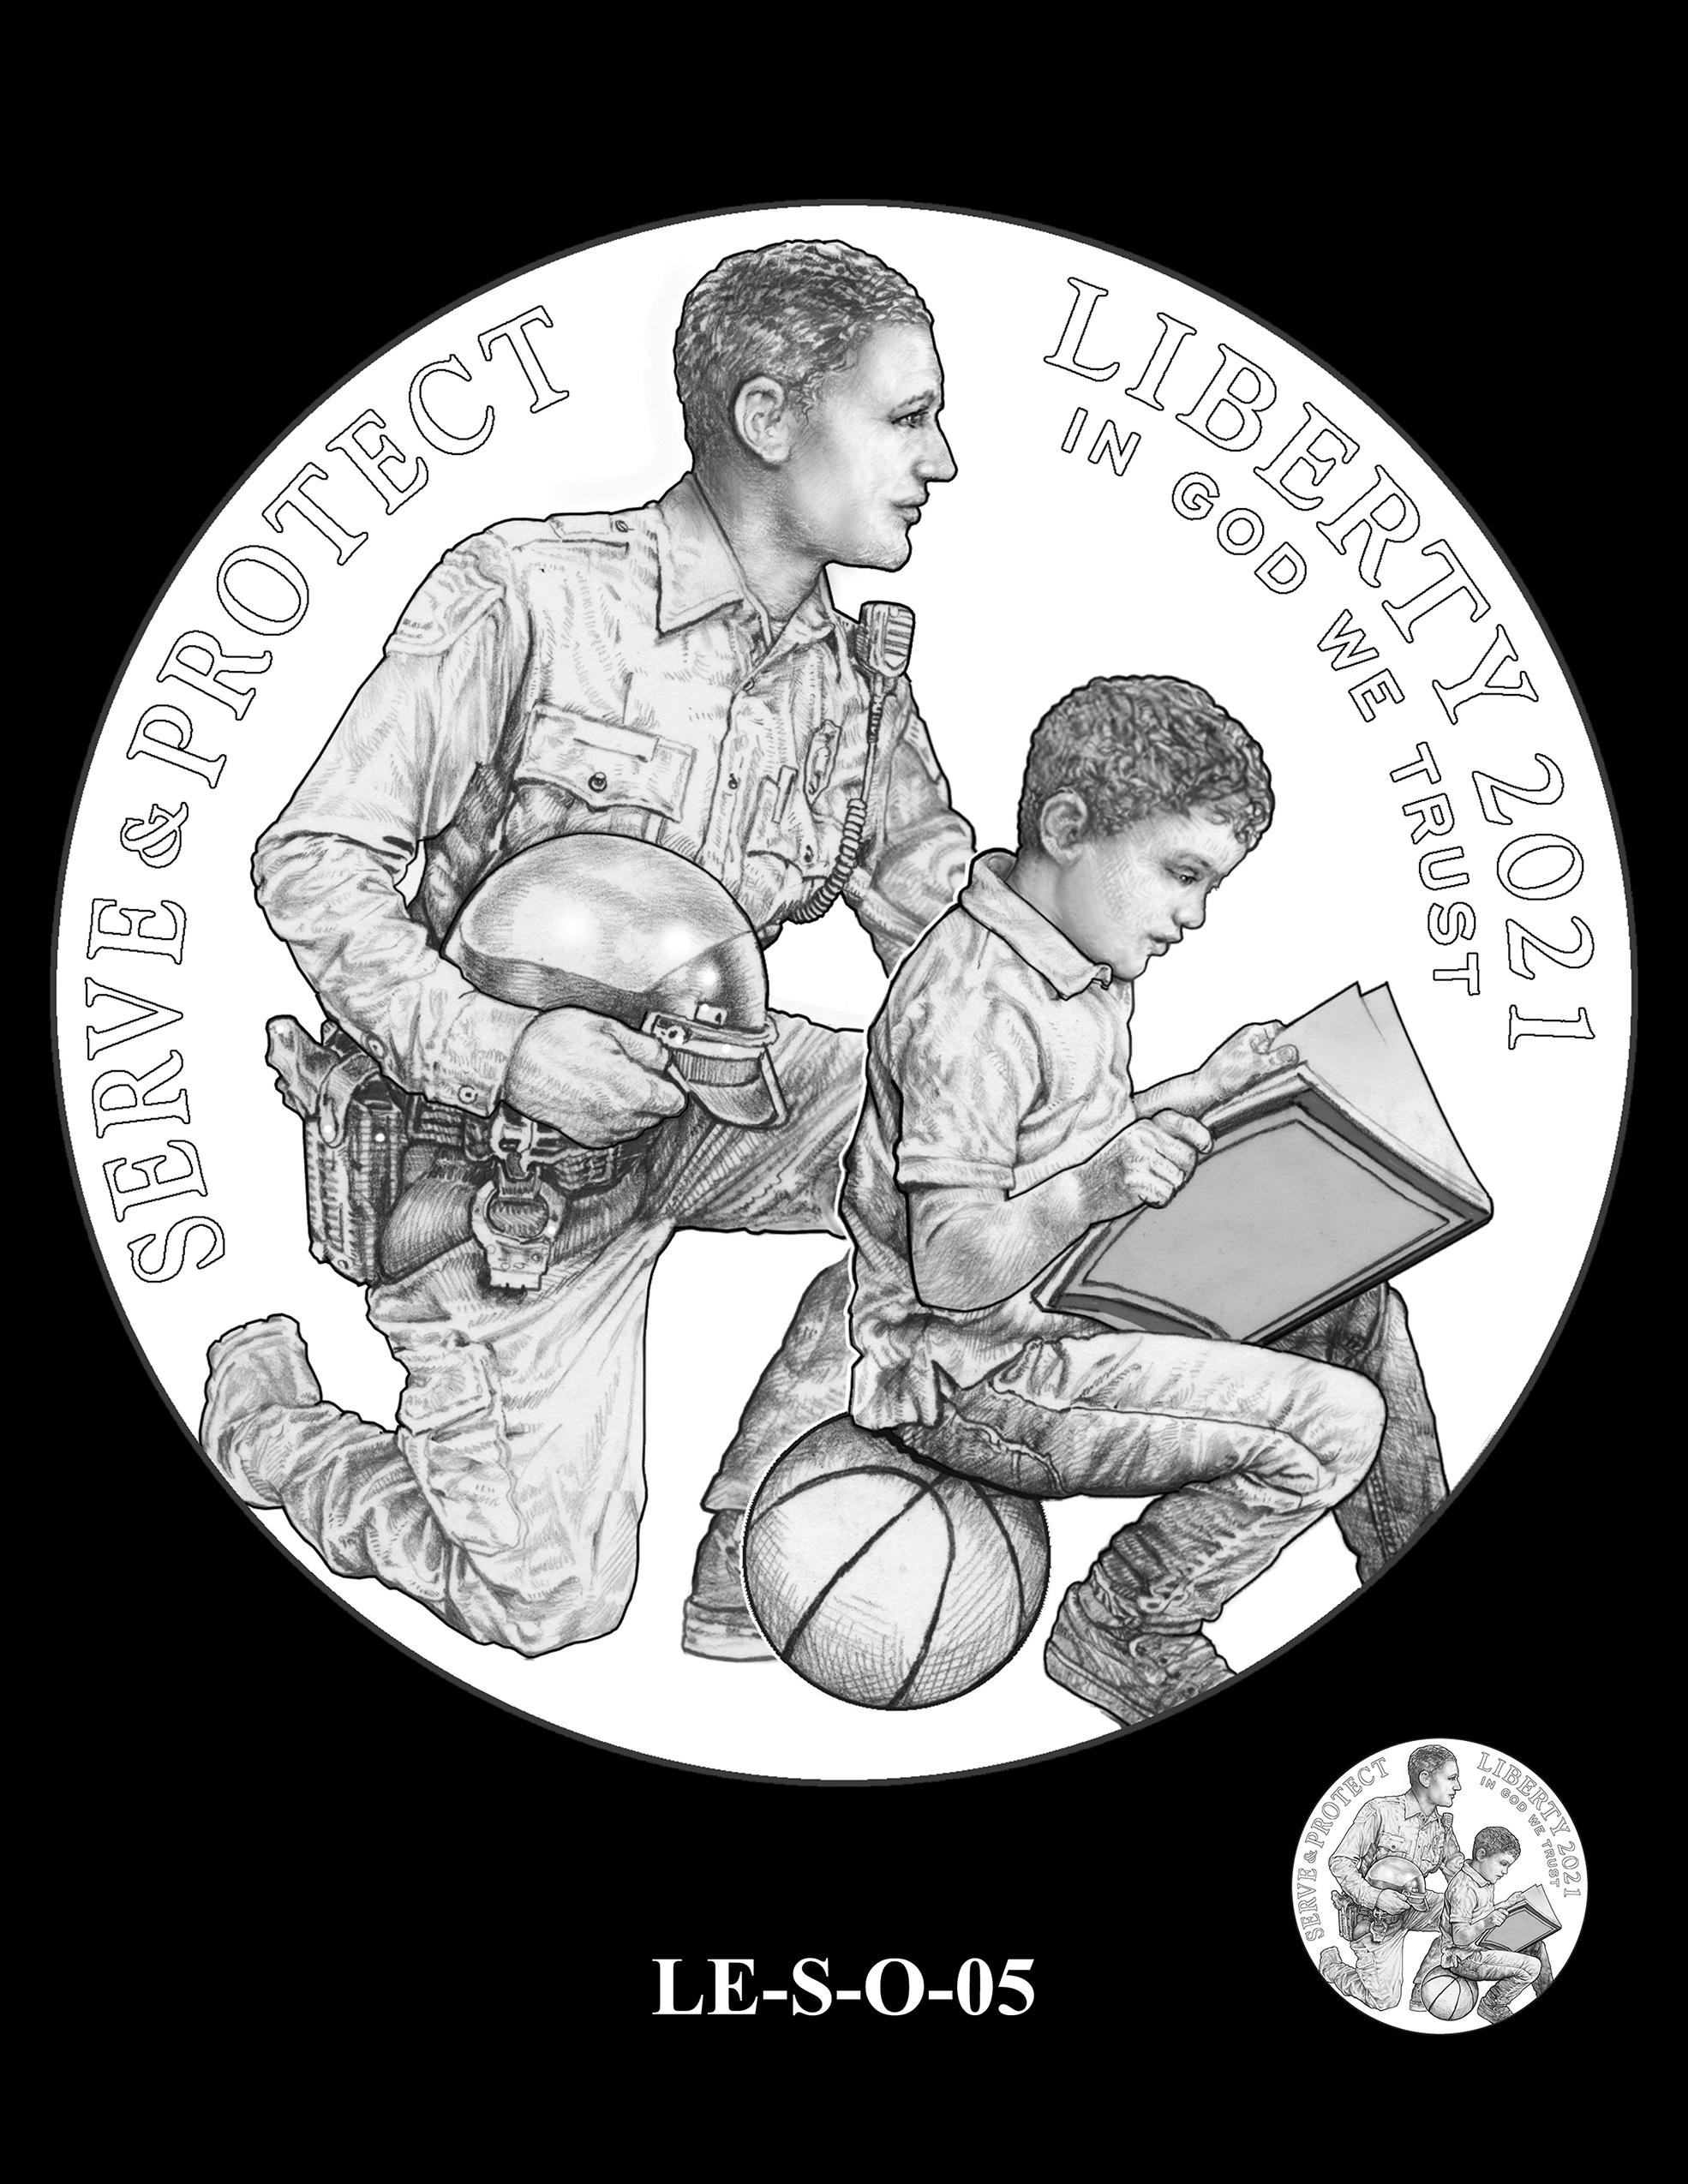 LE-S-O-05 -- National Law Enforcement Museum Commemorative Coin Program